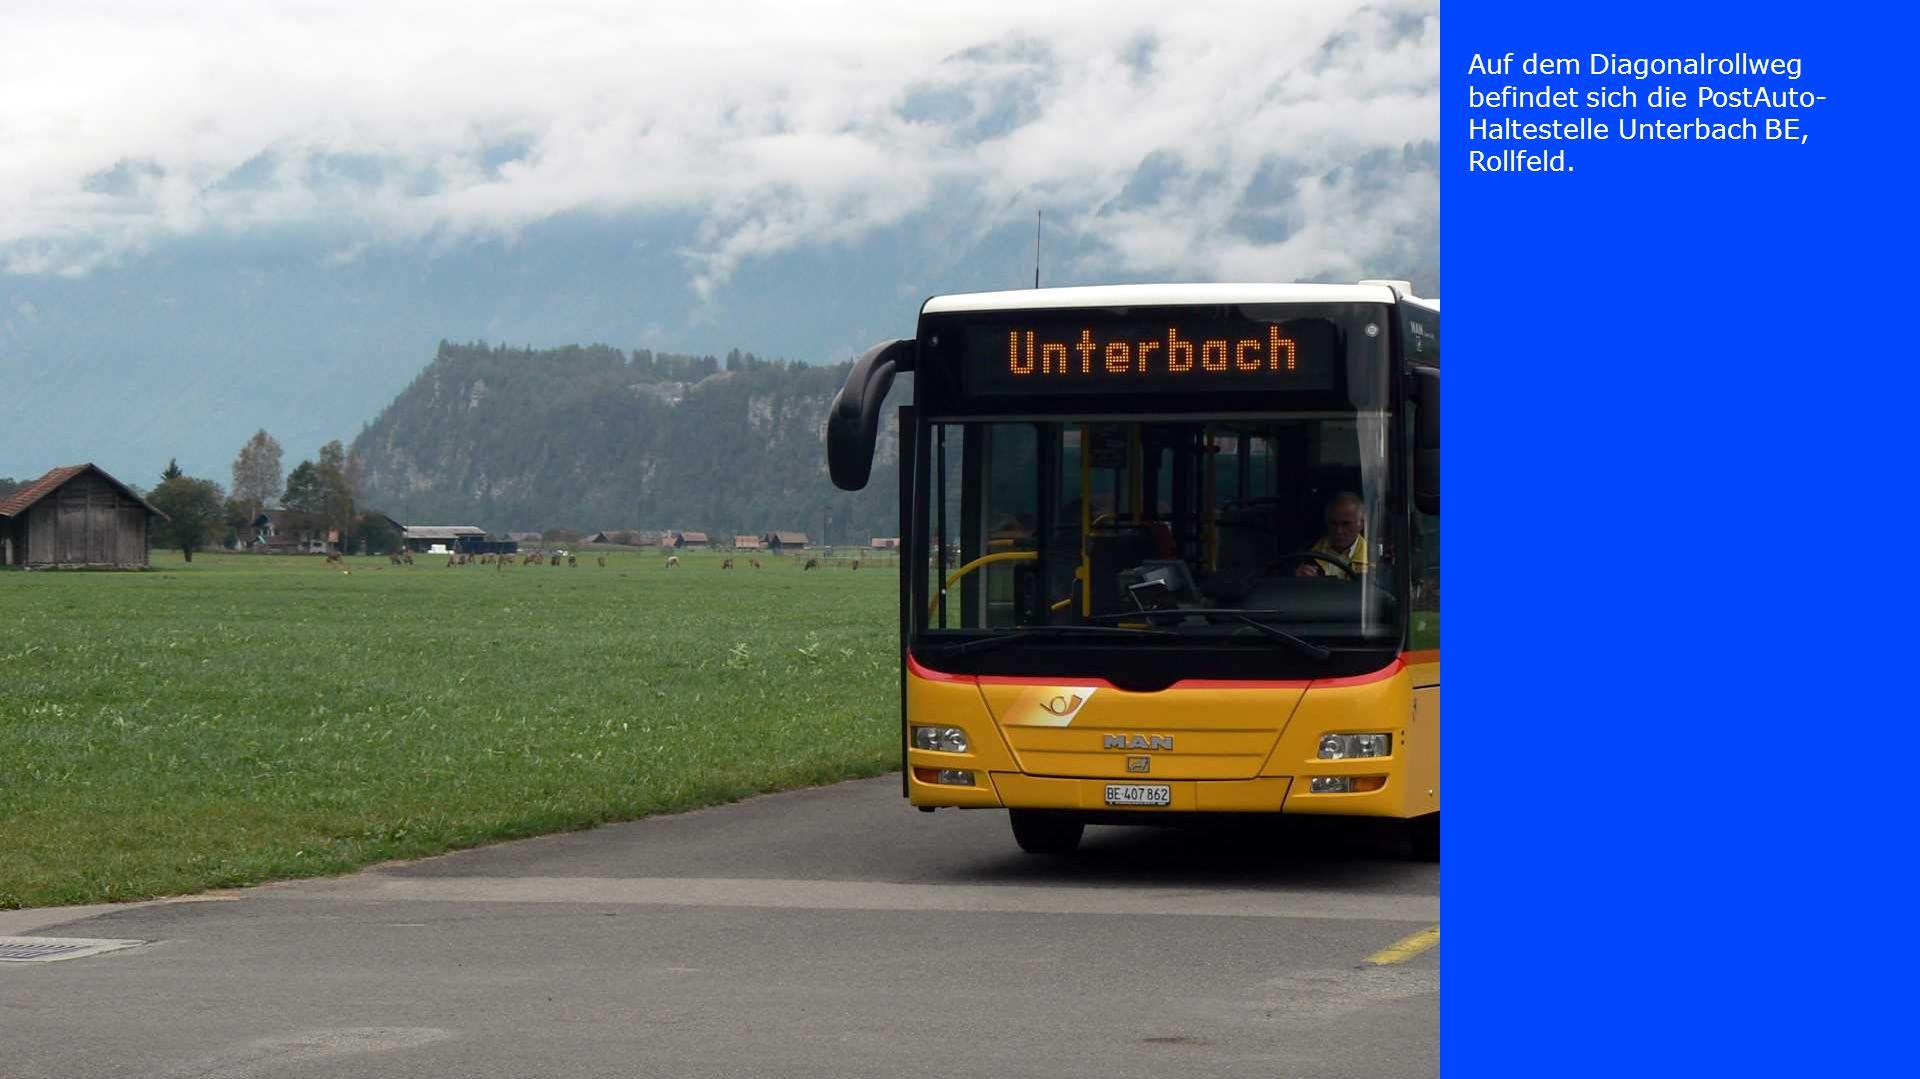 Auf dem Diagonalrollweg befindet sich die PostAuto- Haltestelle Unterbach BE, Rollfeld.